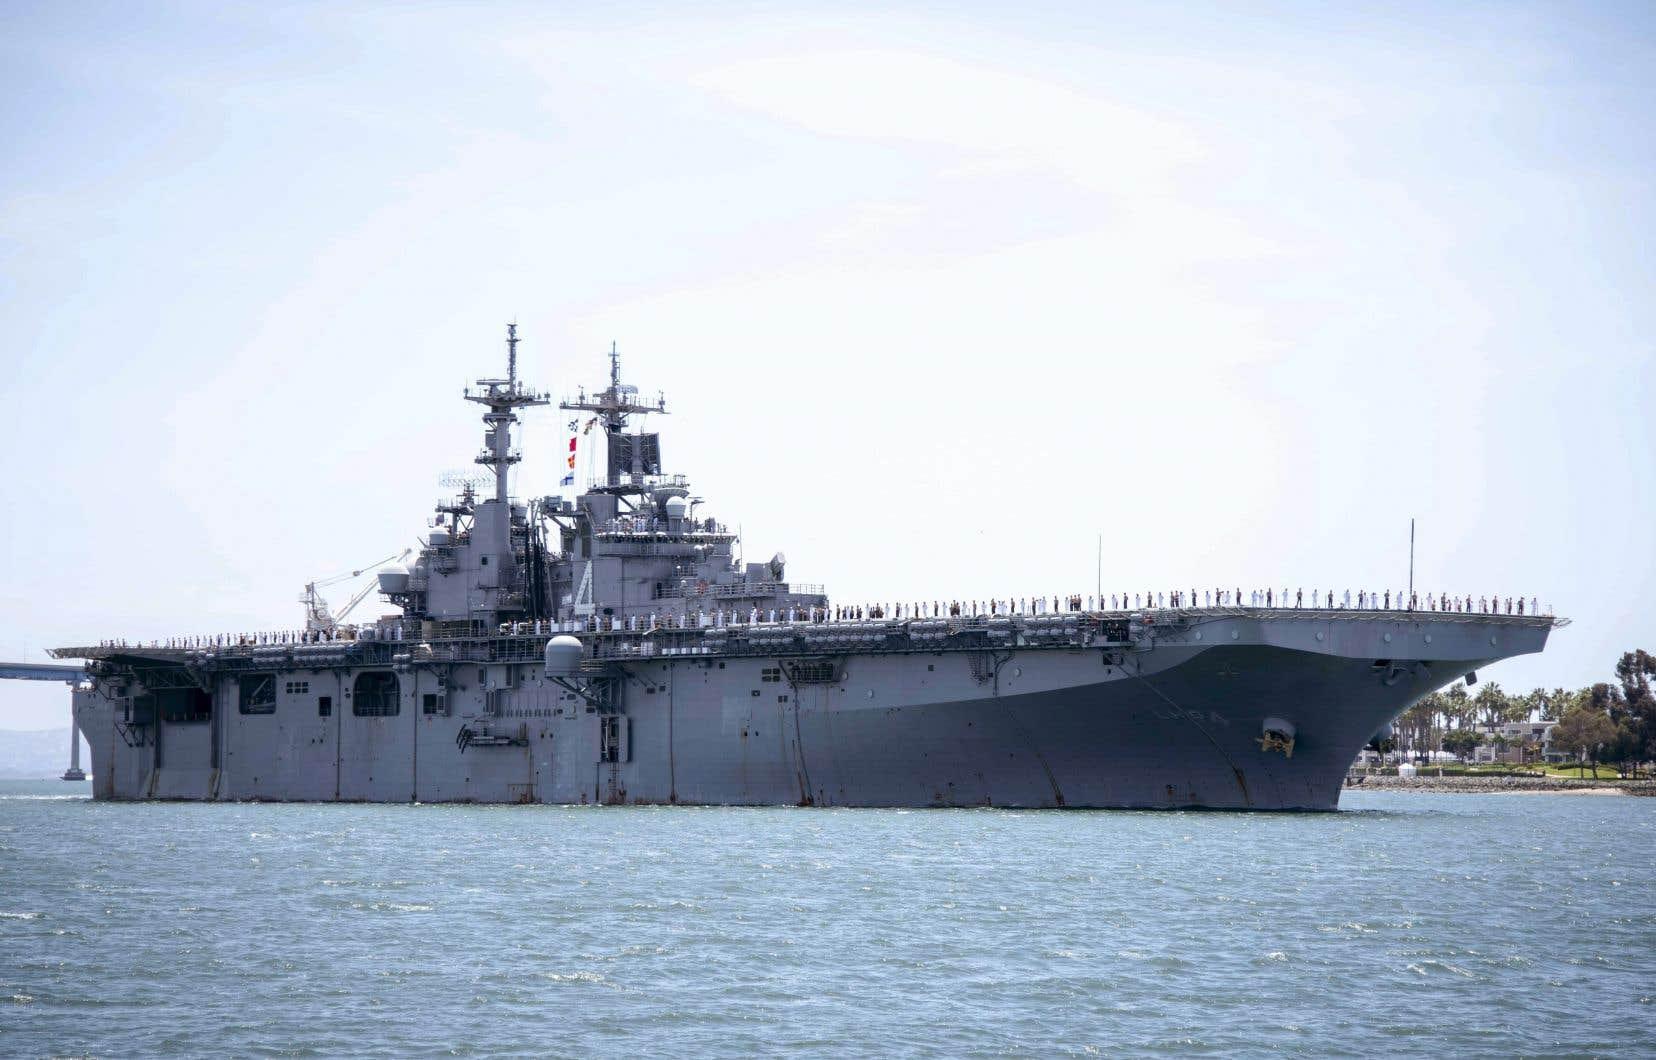 Selon le président Donald Trump, le drone iranien s'est approché à moins de 1000 mètres du navire USS Boxer, qui a entrepris «une action défensive».